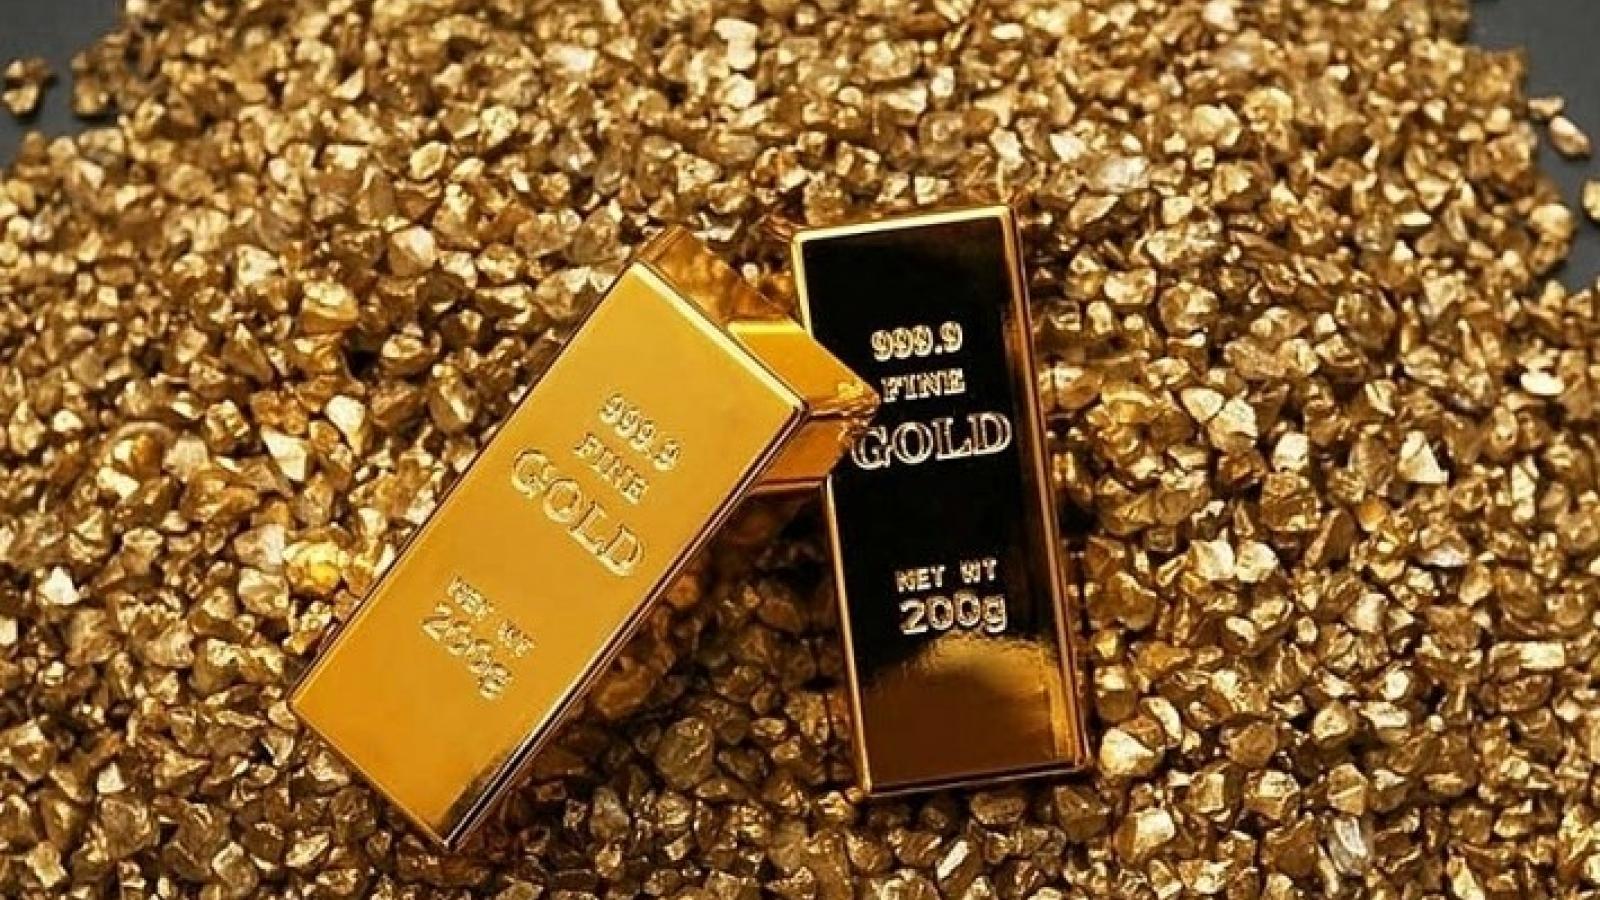 Giá vàng trong nước tăng, cao hơn giá thế giới gần 9 triệu đồng/lượng